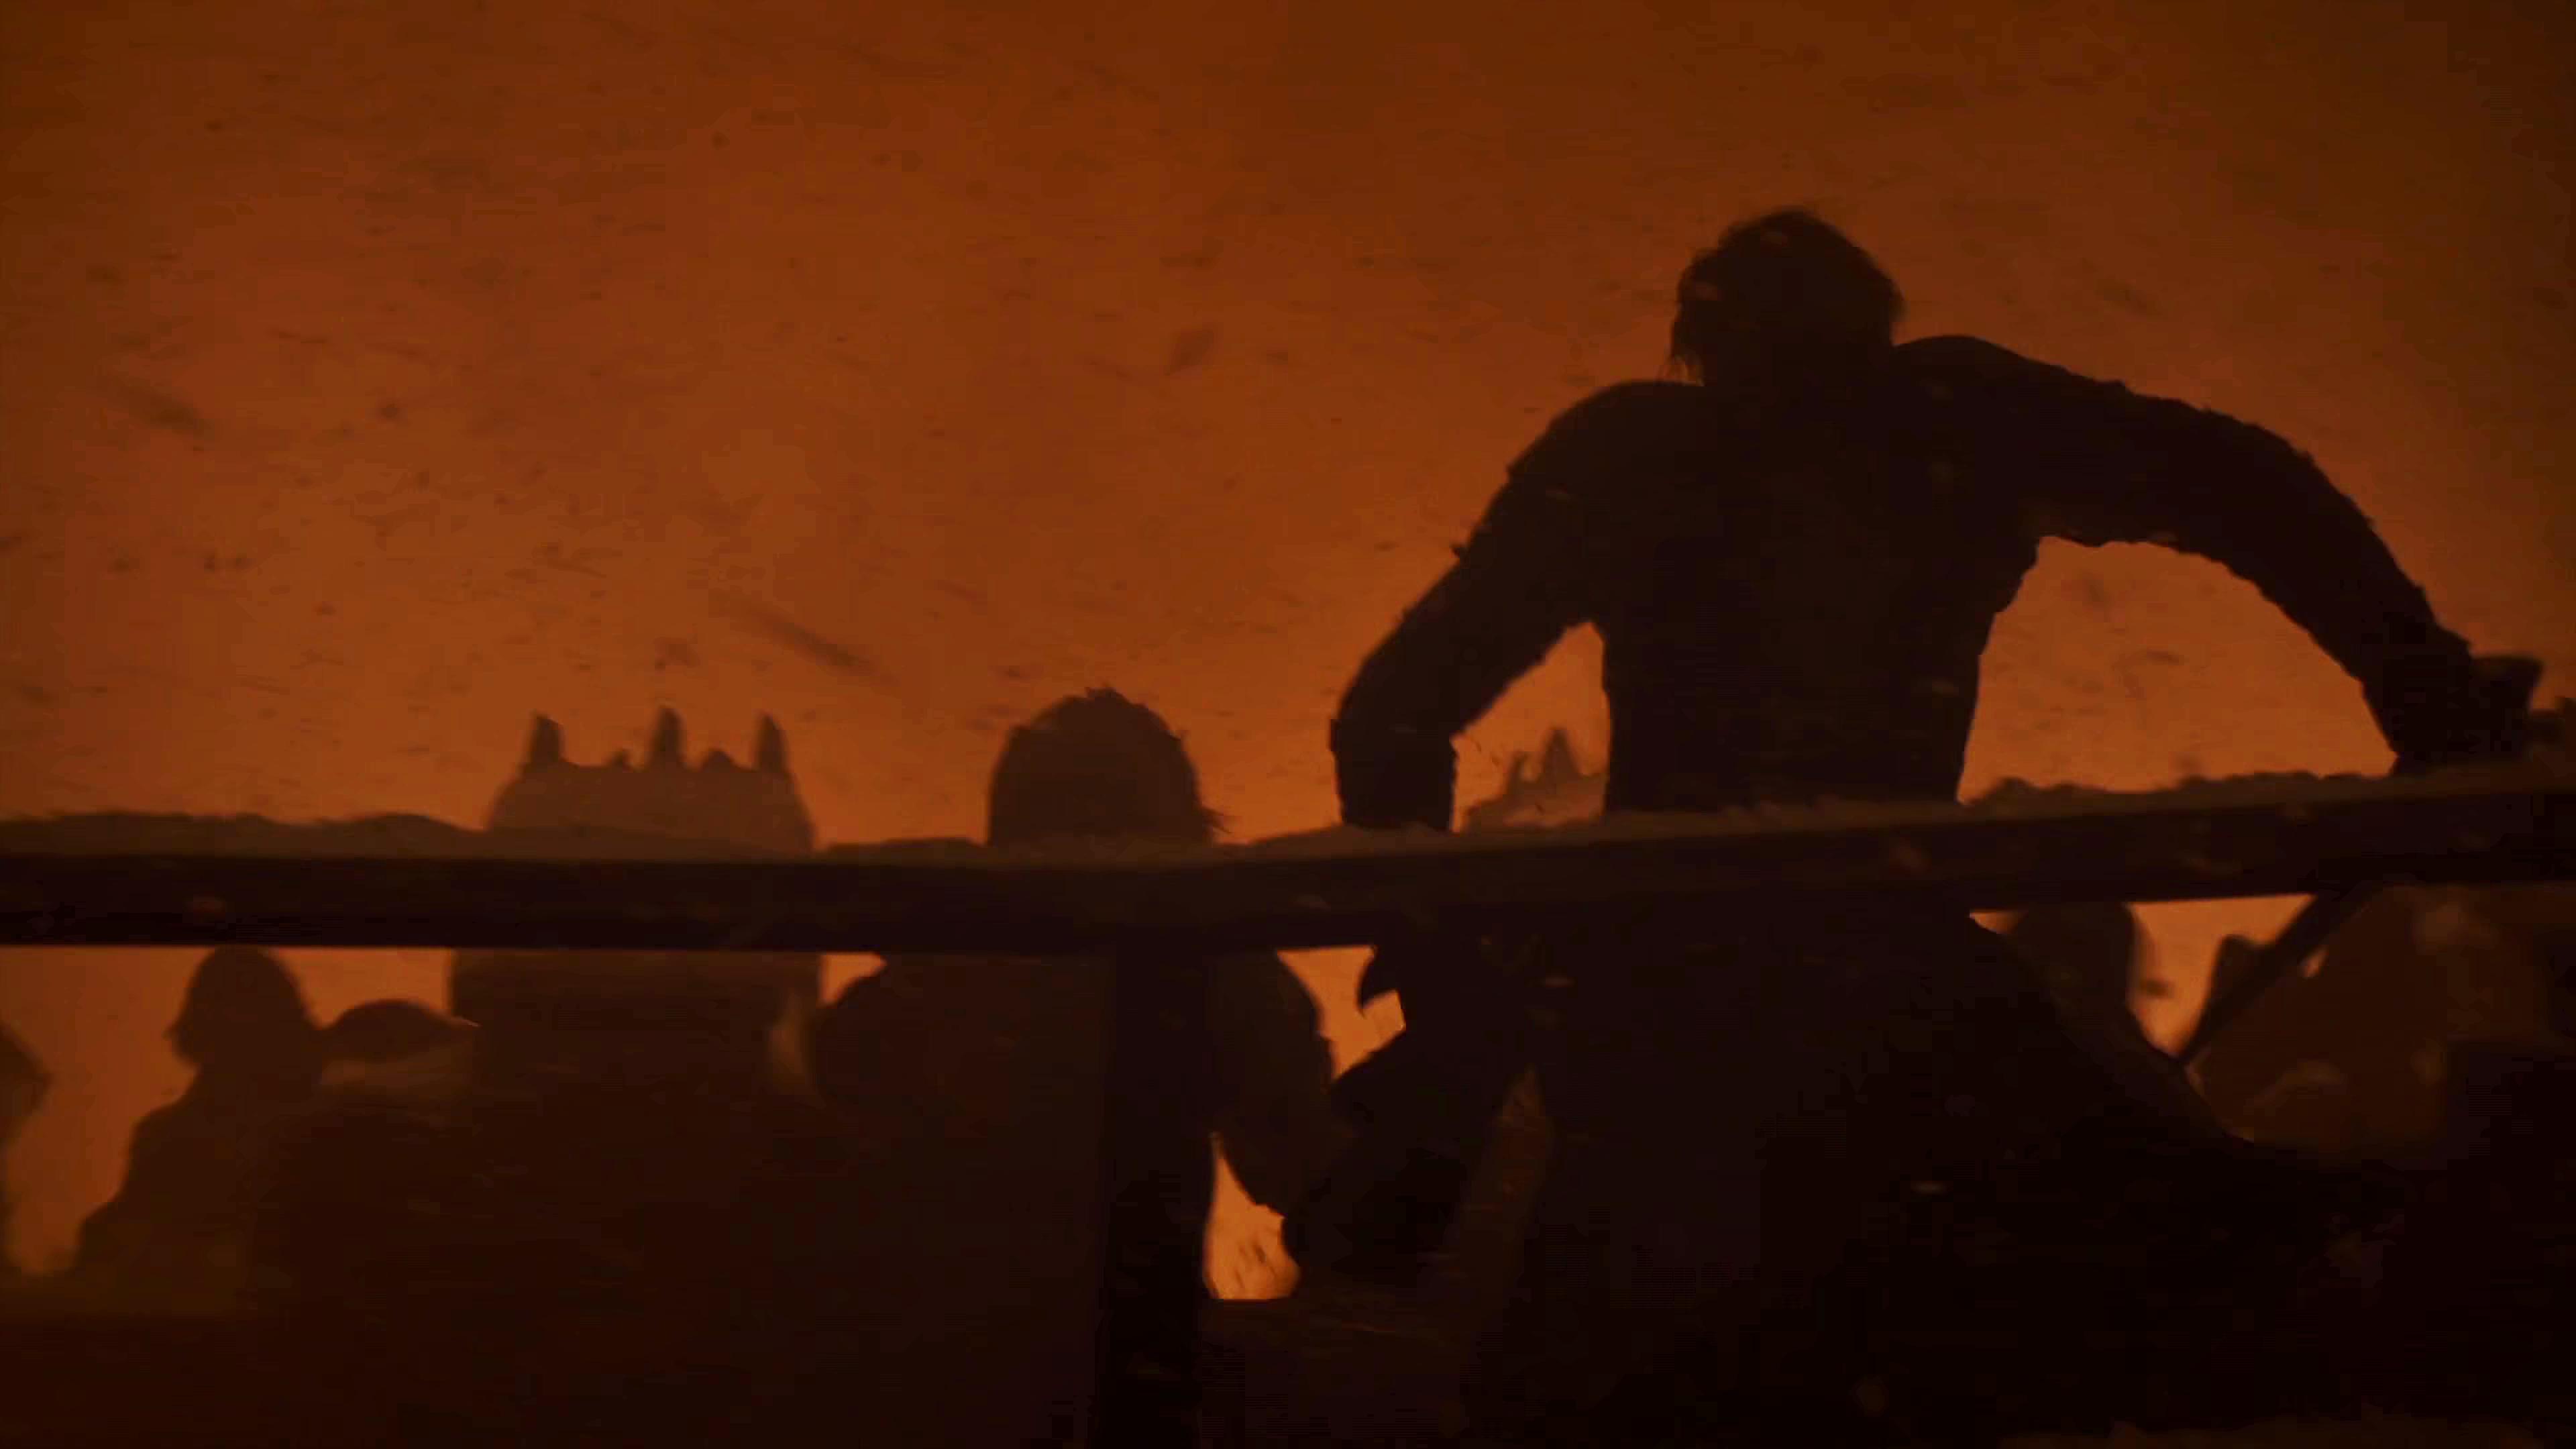 23. Season 8 Trailer Winterfell Battle Brienne Tyrion Wights